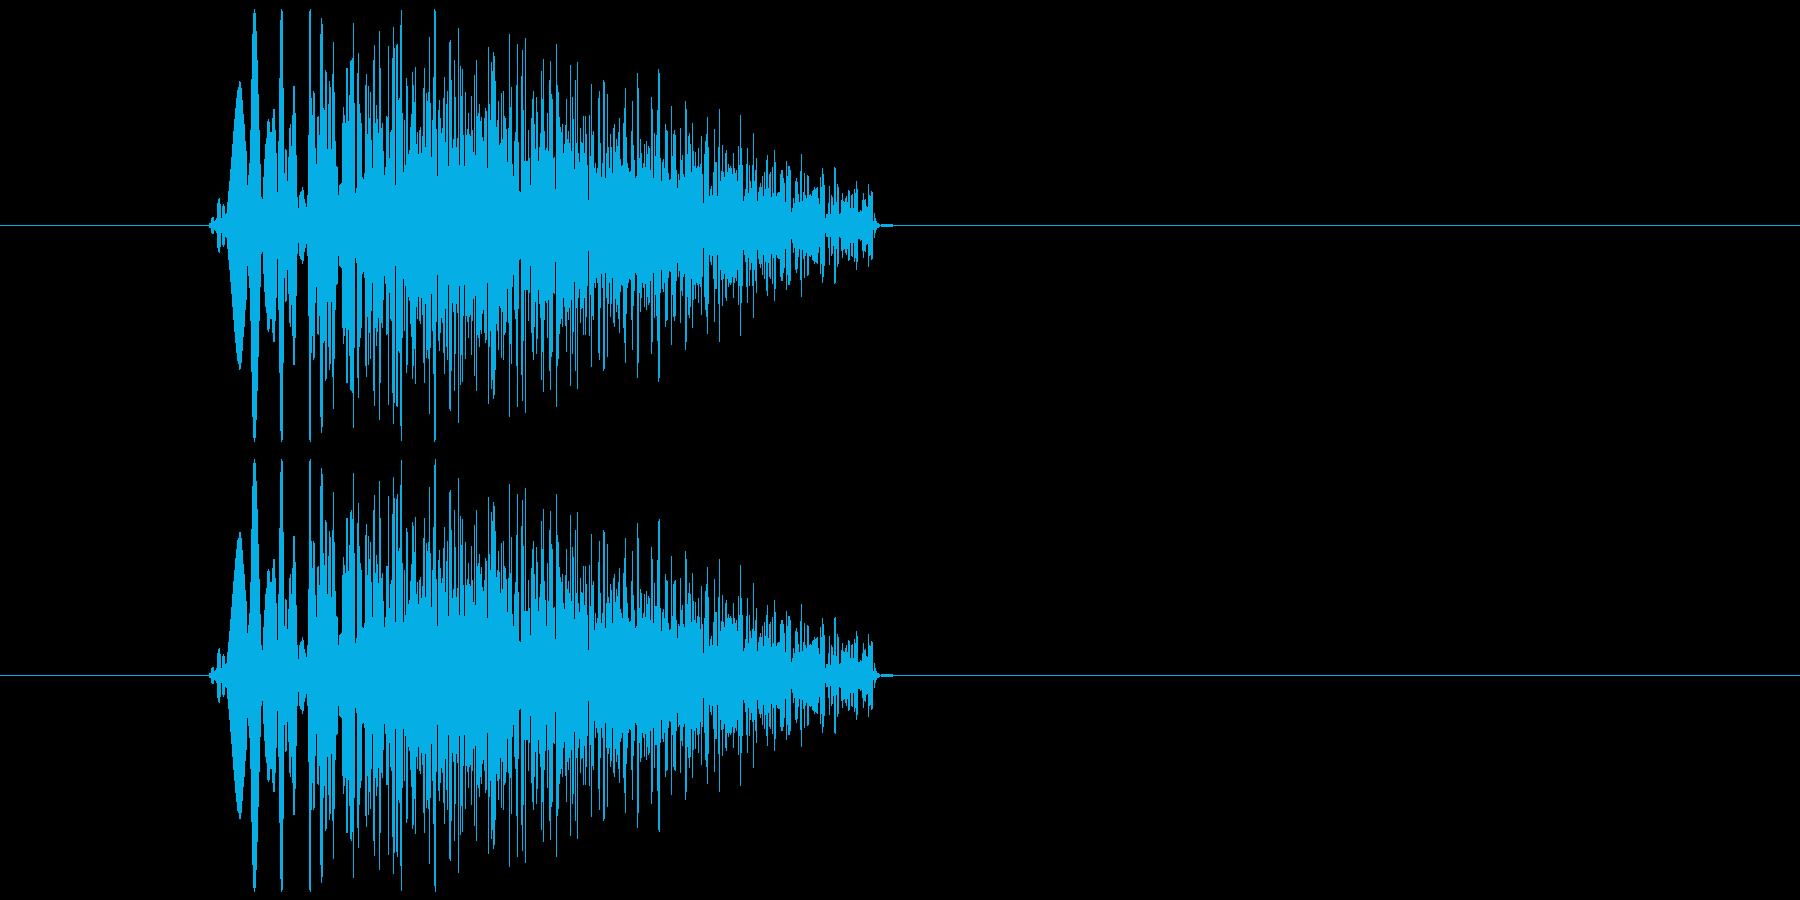 キャンセル、リセットの再生済みの波形